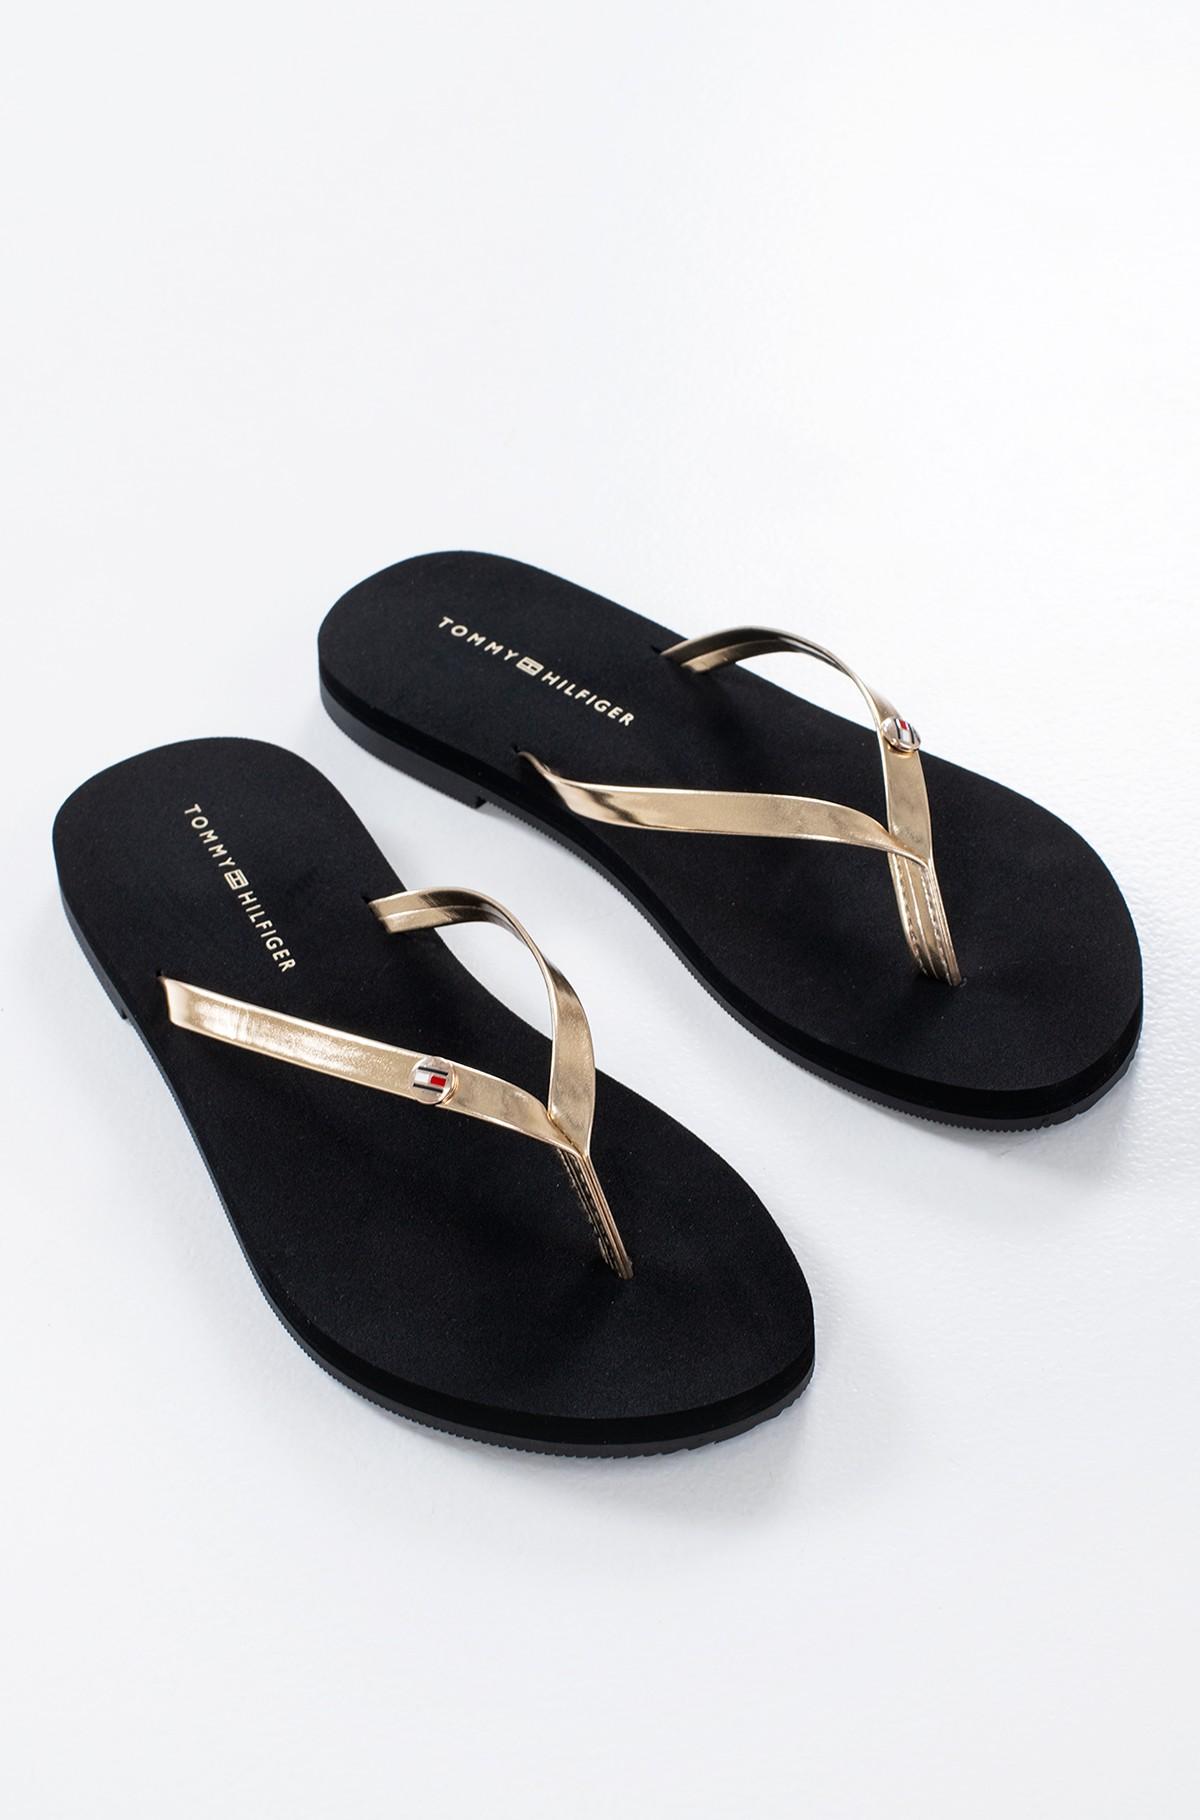 Sandals FEMININE FLAT BEACH SANDAL-full-1